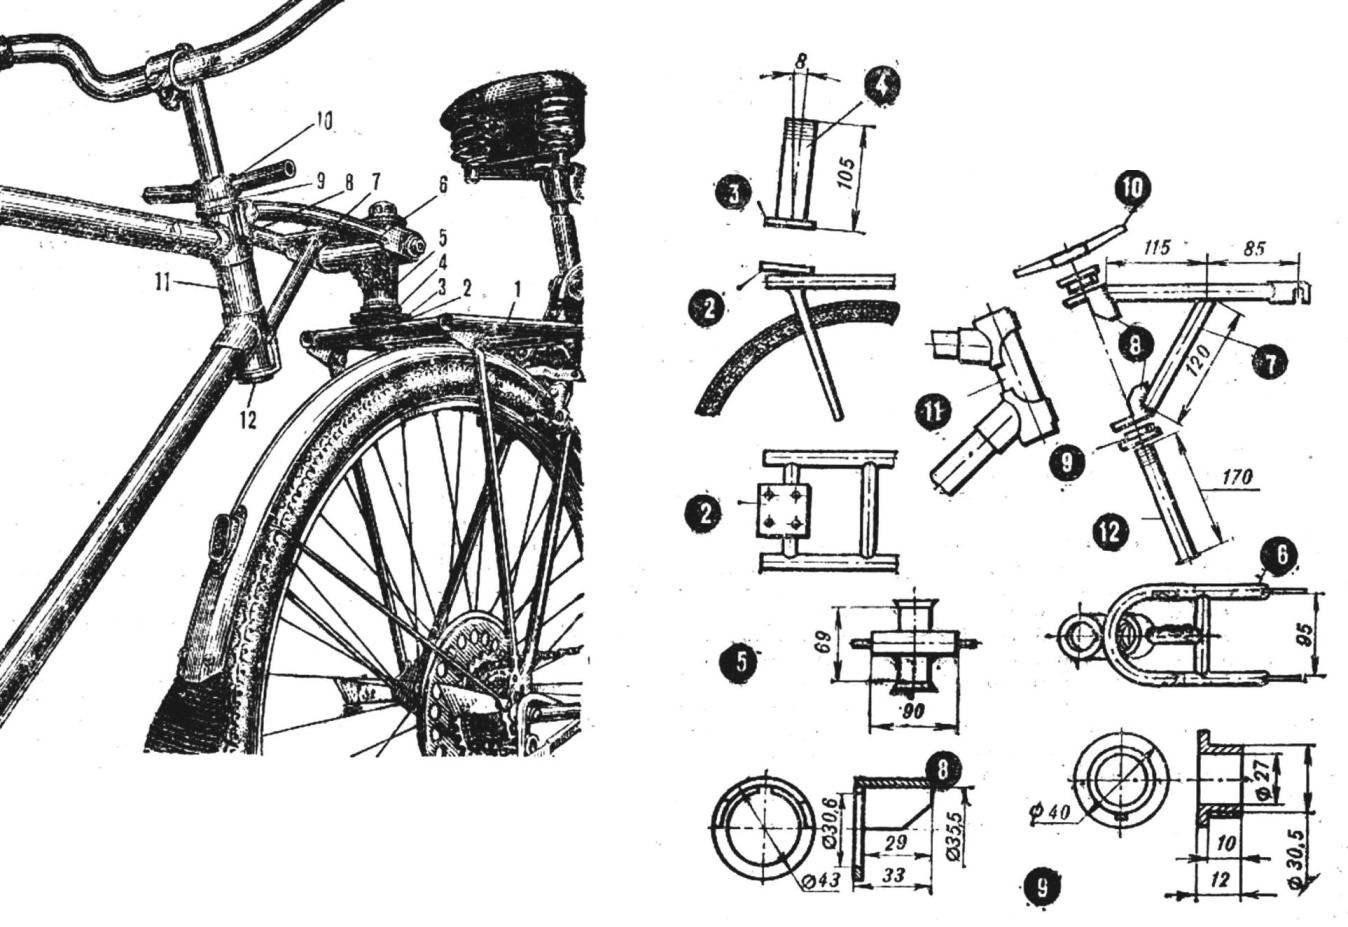 Рис. 2. Схема сцепного узла и его детали (размеры даны только лимитирующие)